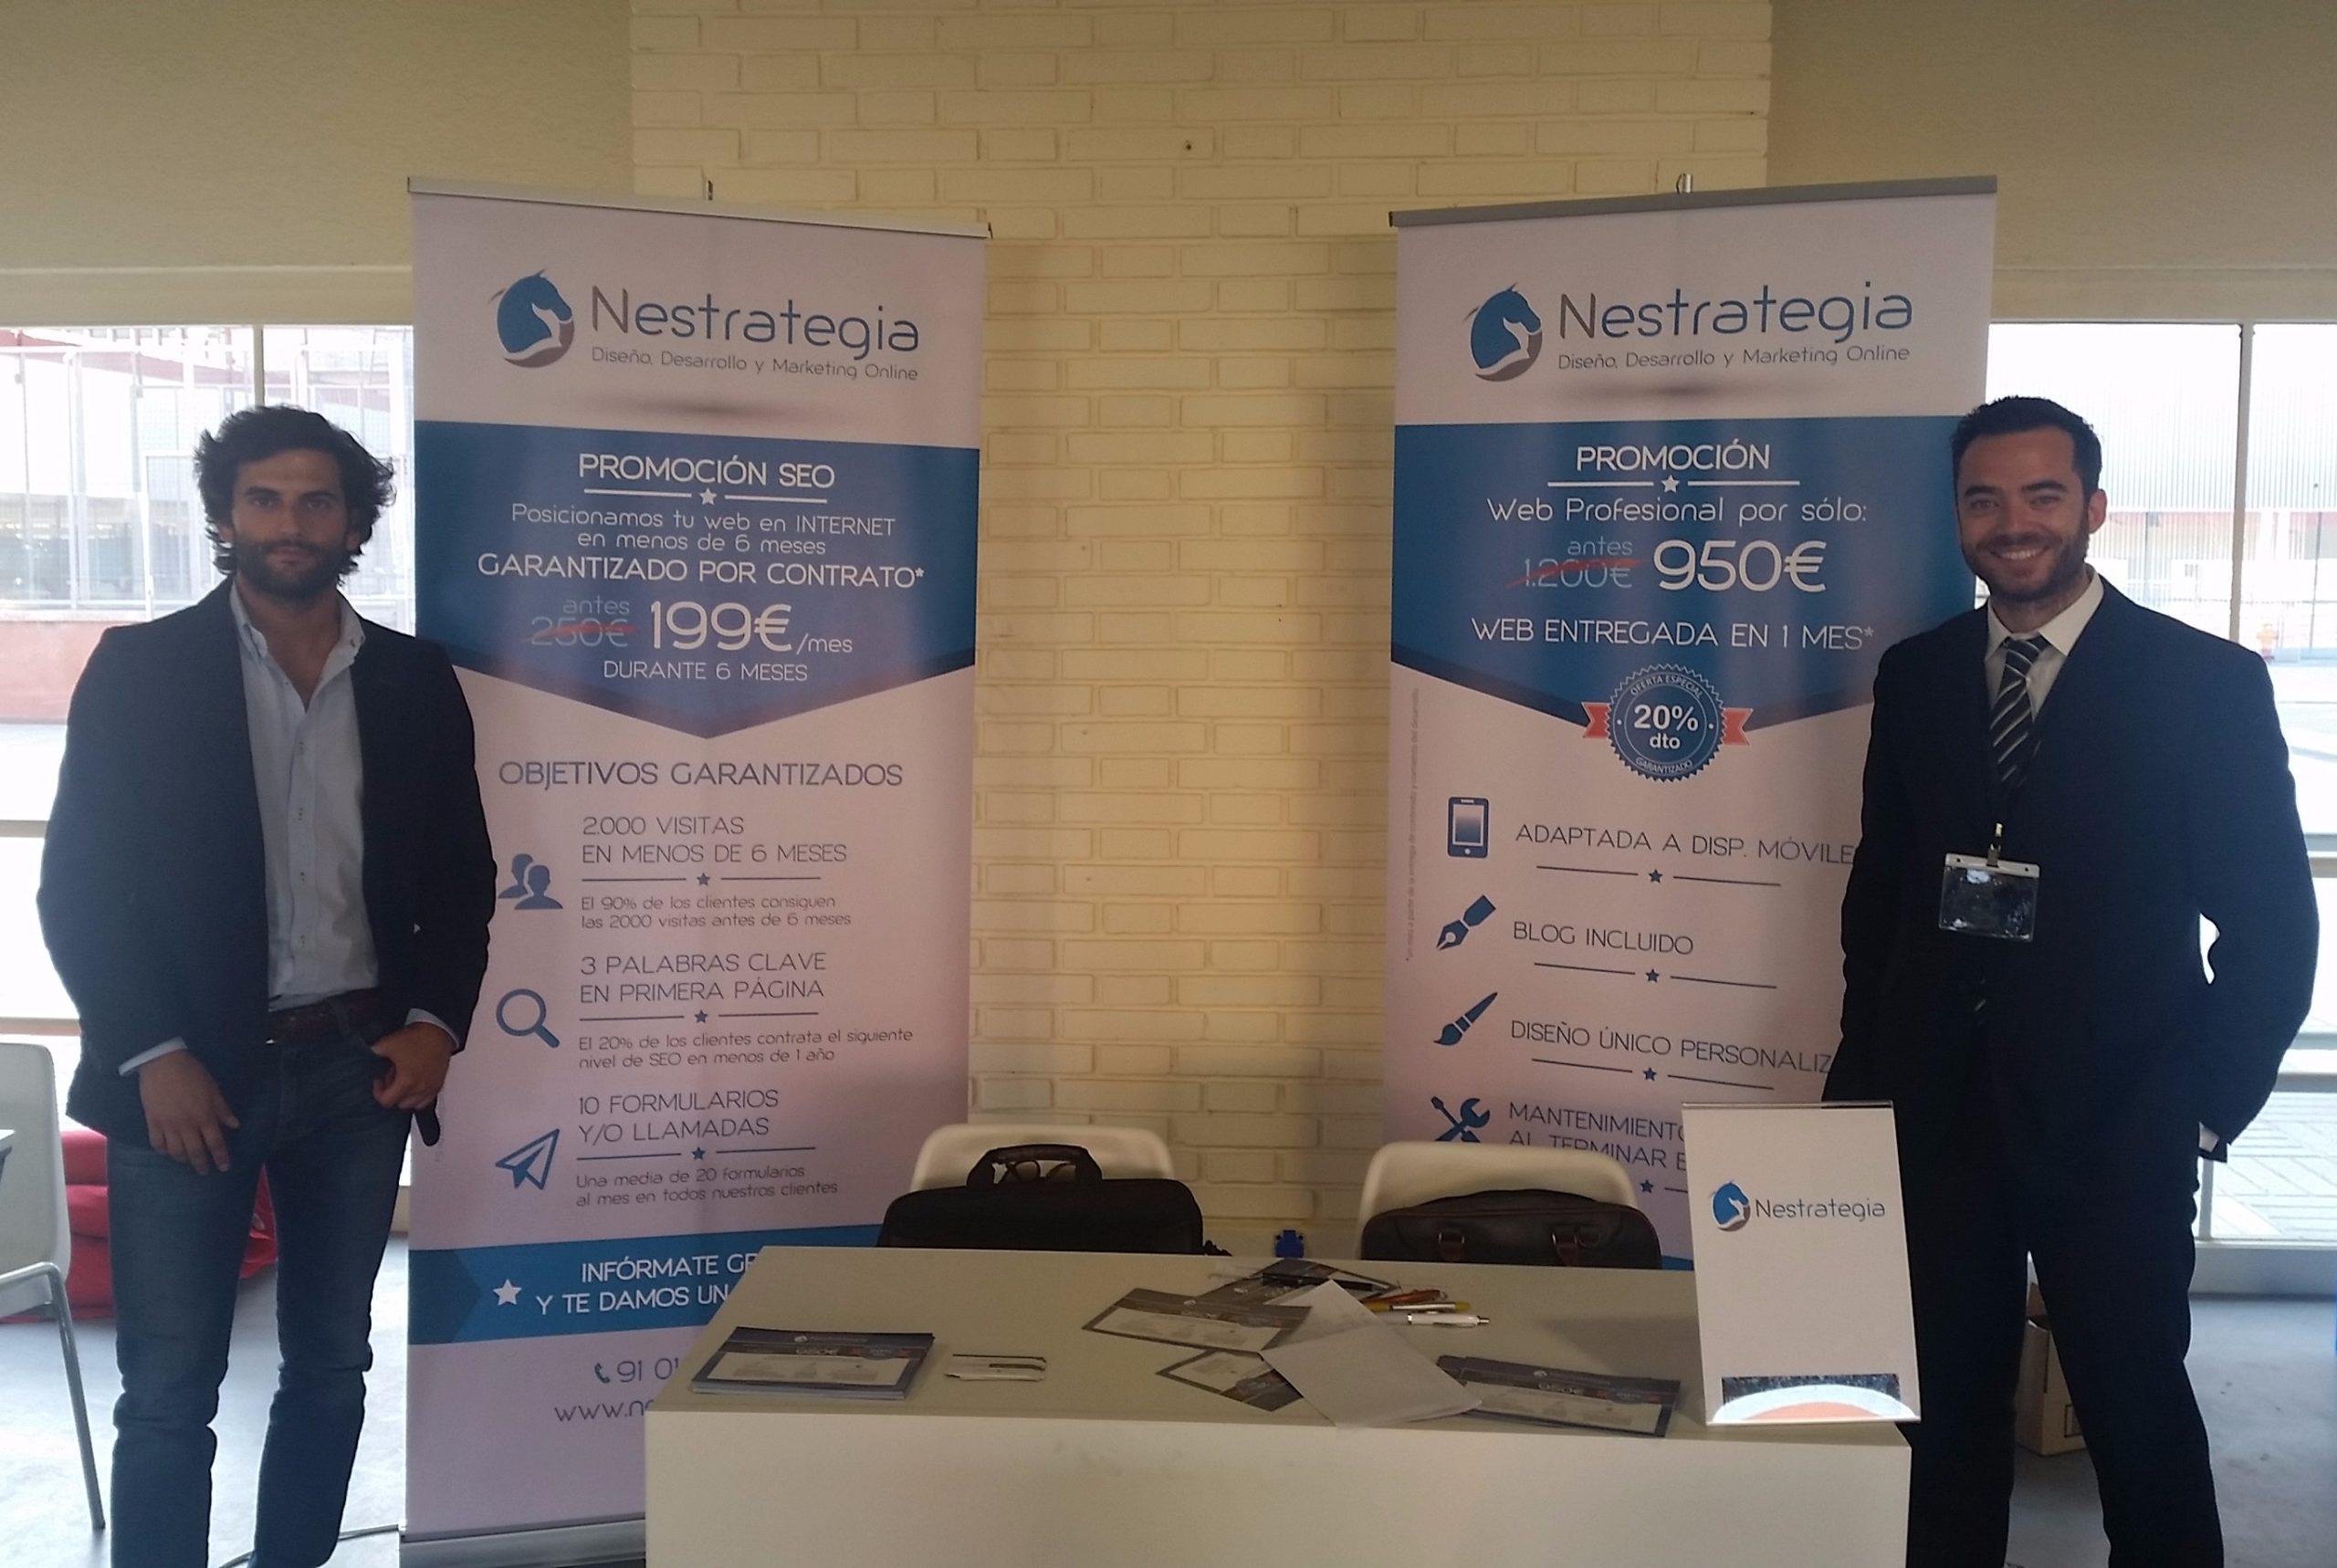 Nestrategia en el Encuentro Comercial negocios & networking y Creaventure